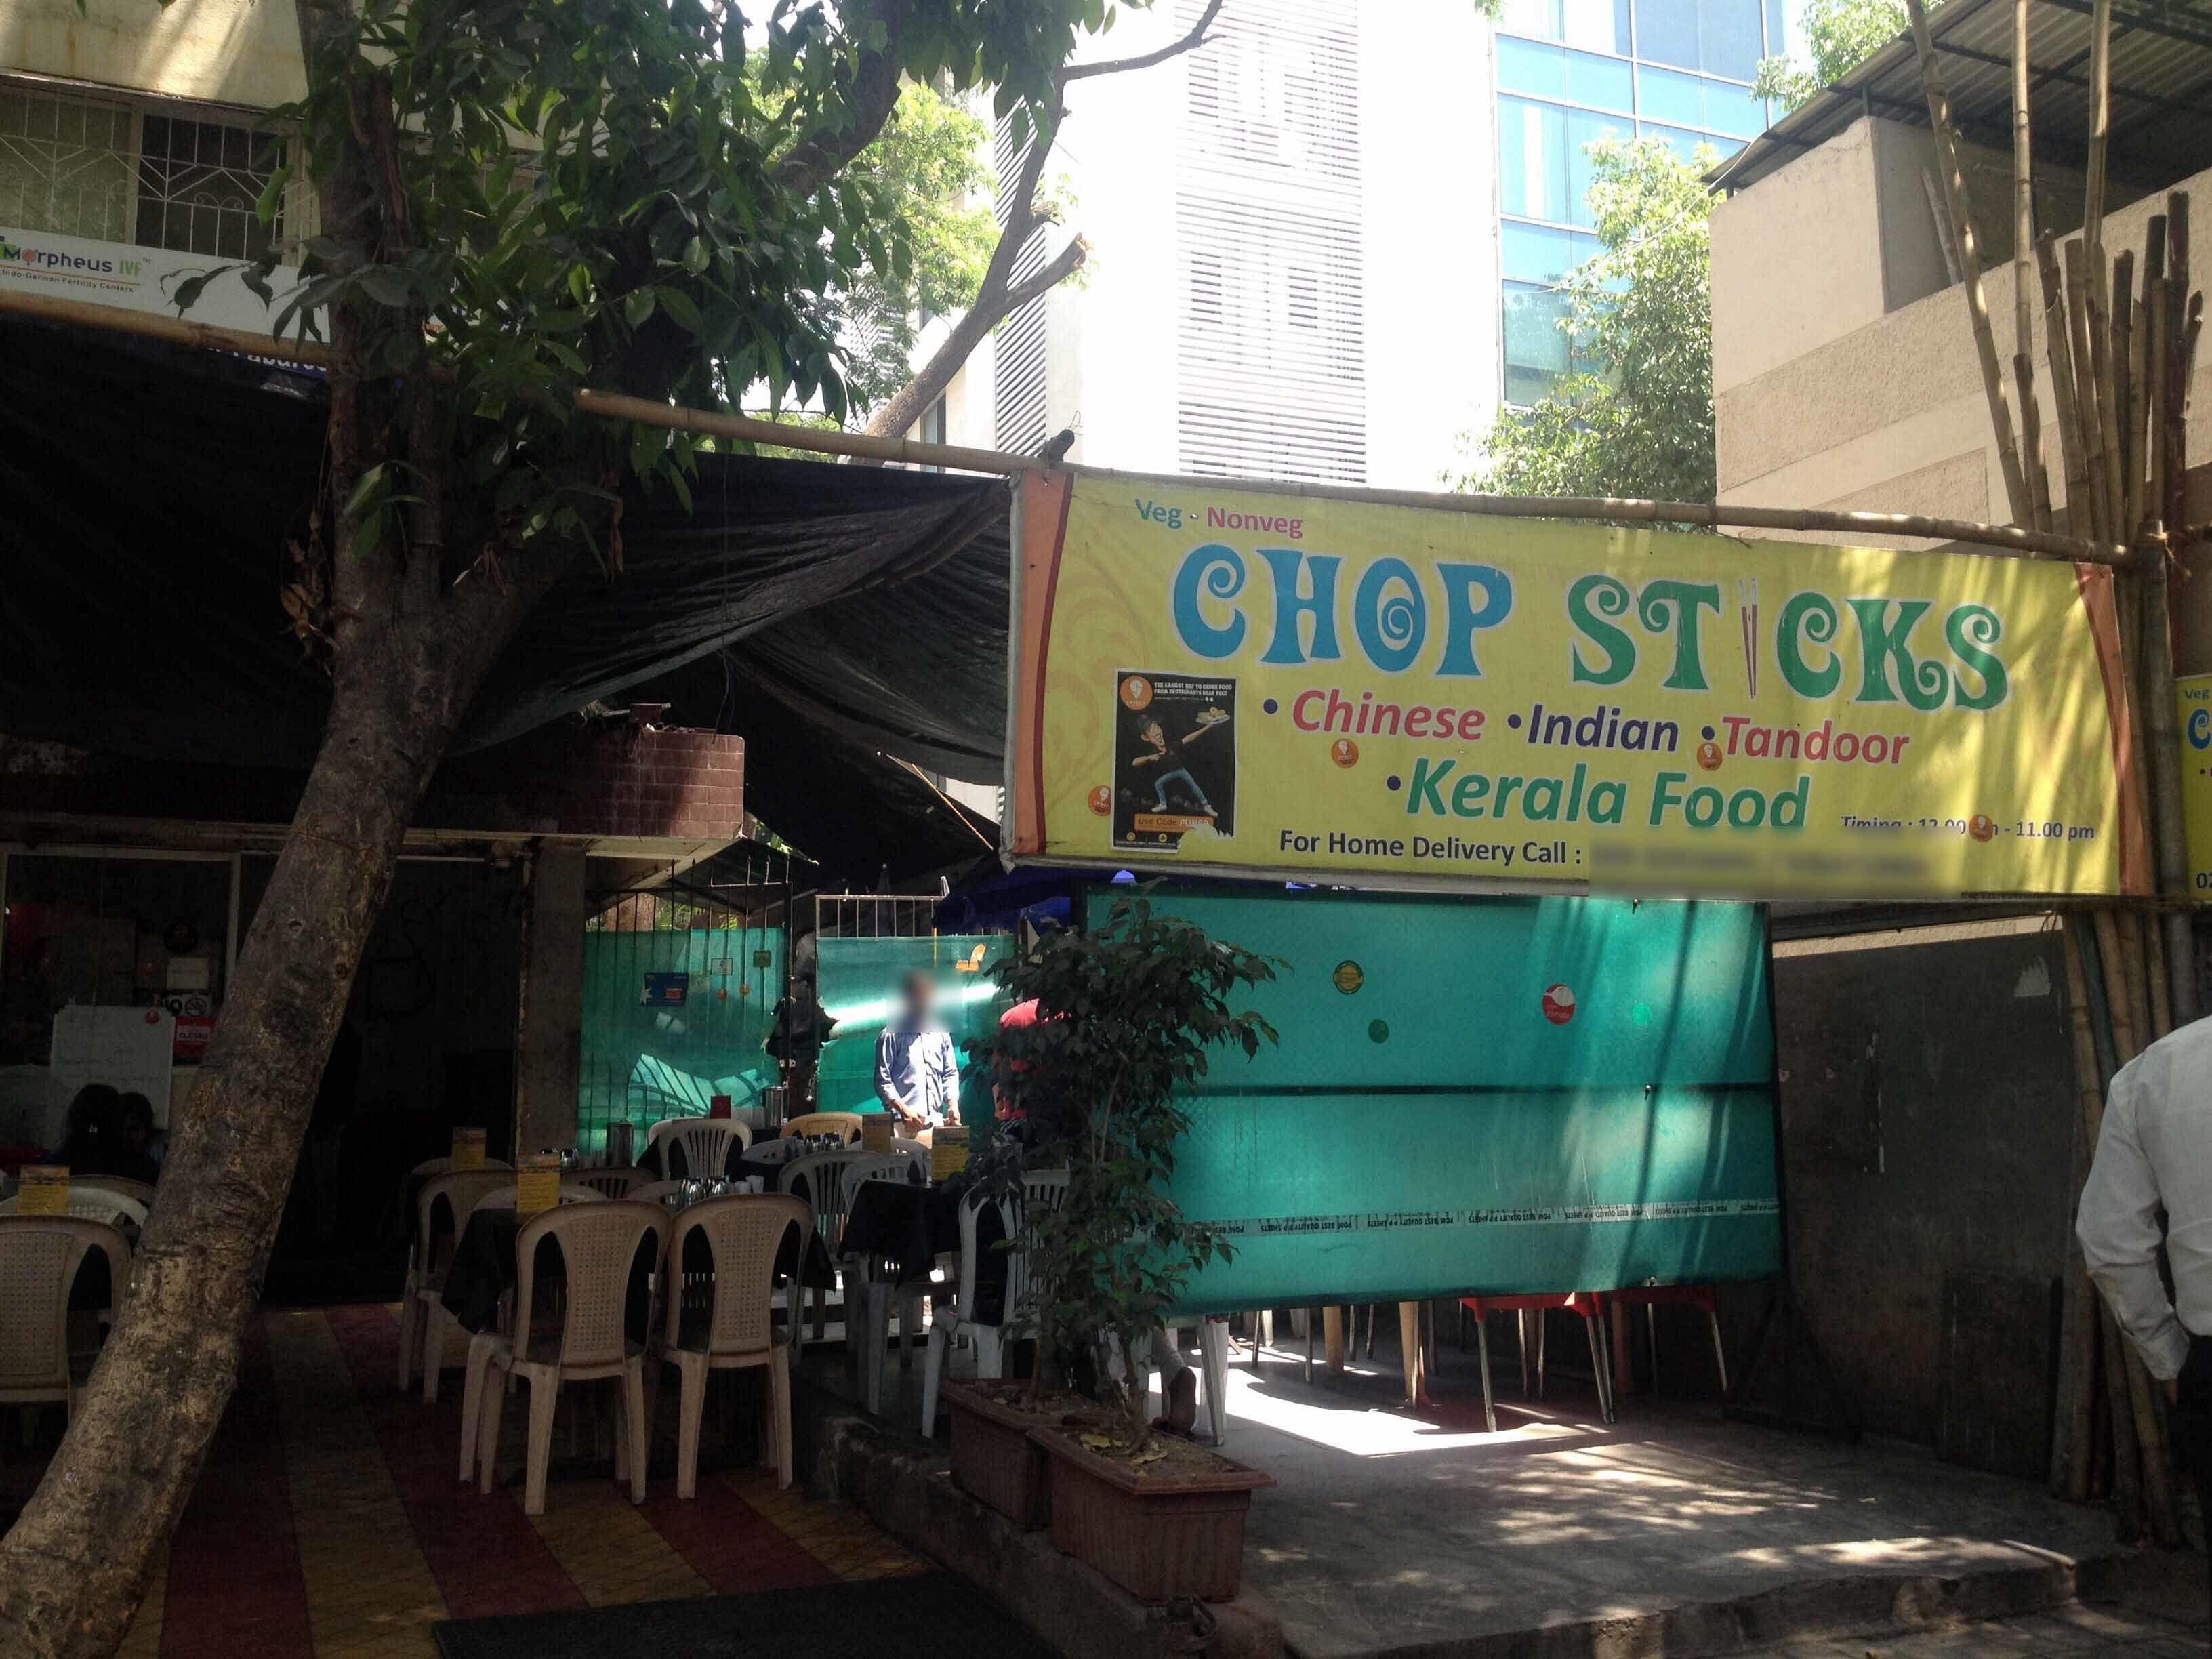 Choposticks Restaurant - Dhole Patil Road - Pune Image